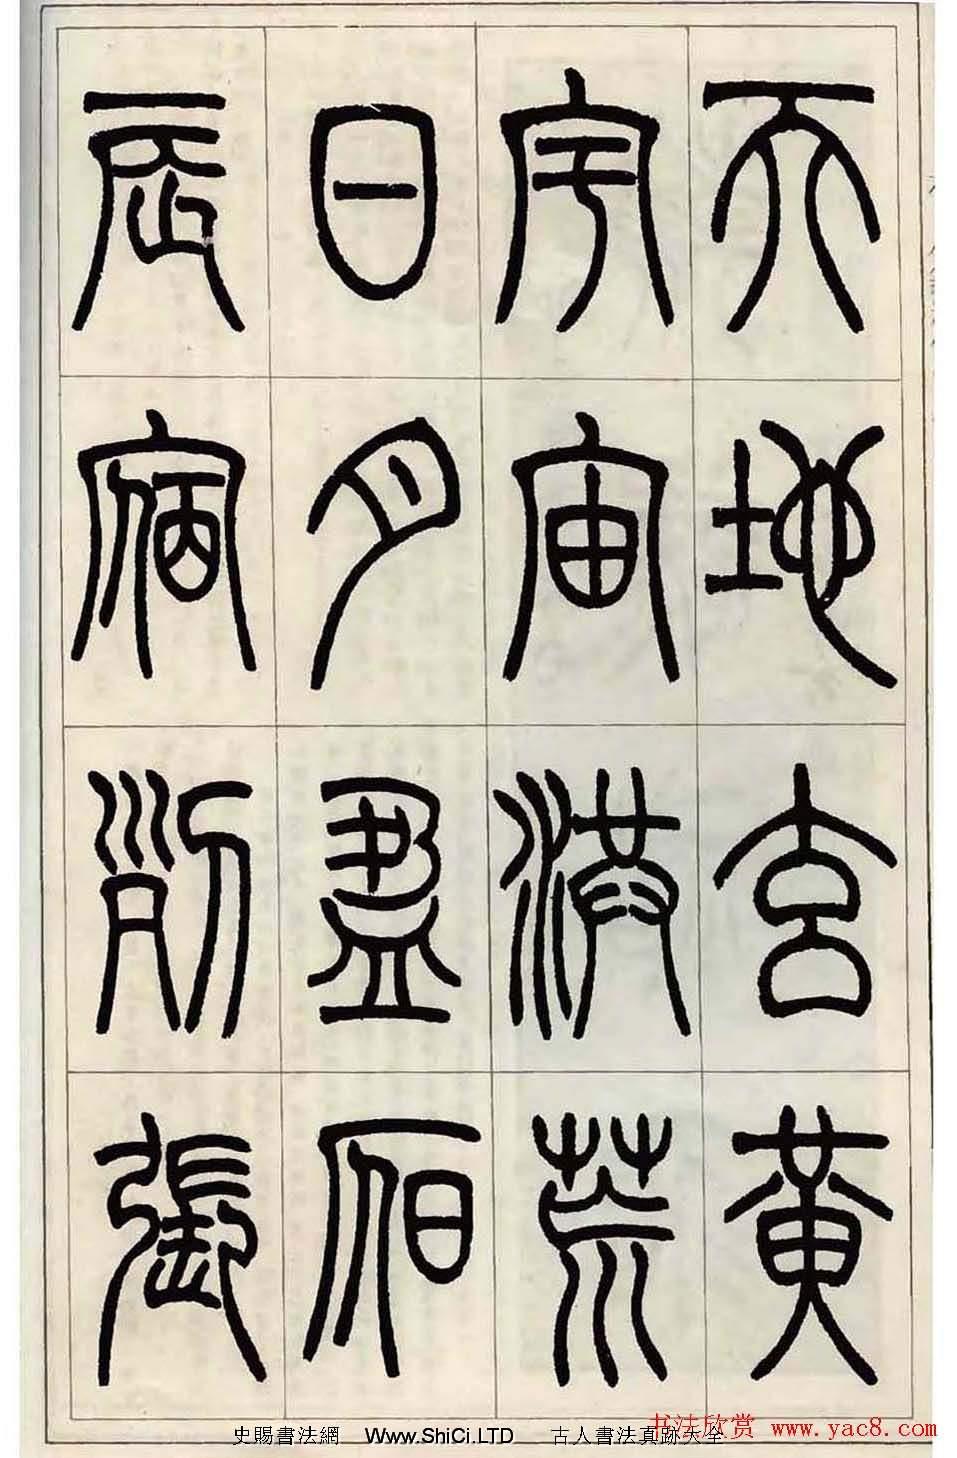 張永明小篆書法真跡欣賞《千字文》(共64張圖片)